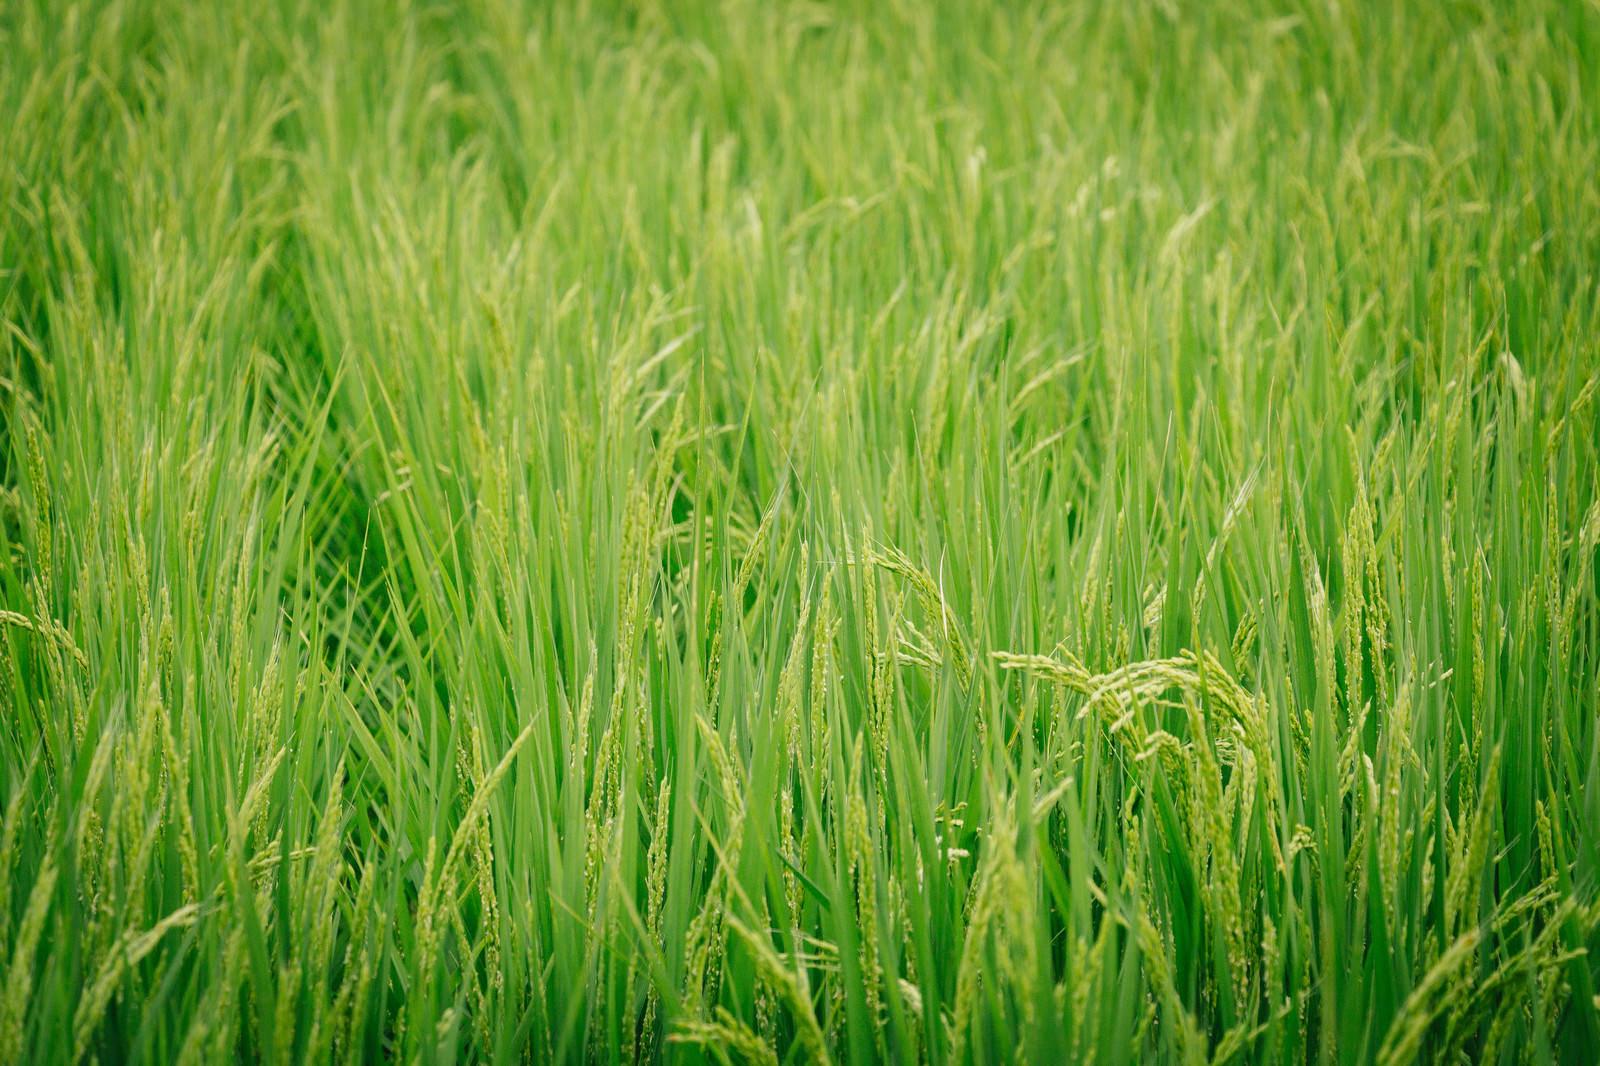 「あおあおしく茂る稲あおあおしく茂る稲」のフリー写真素材を拡大